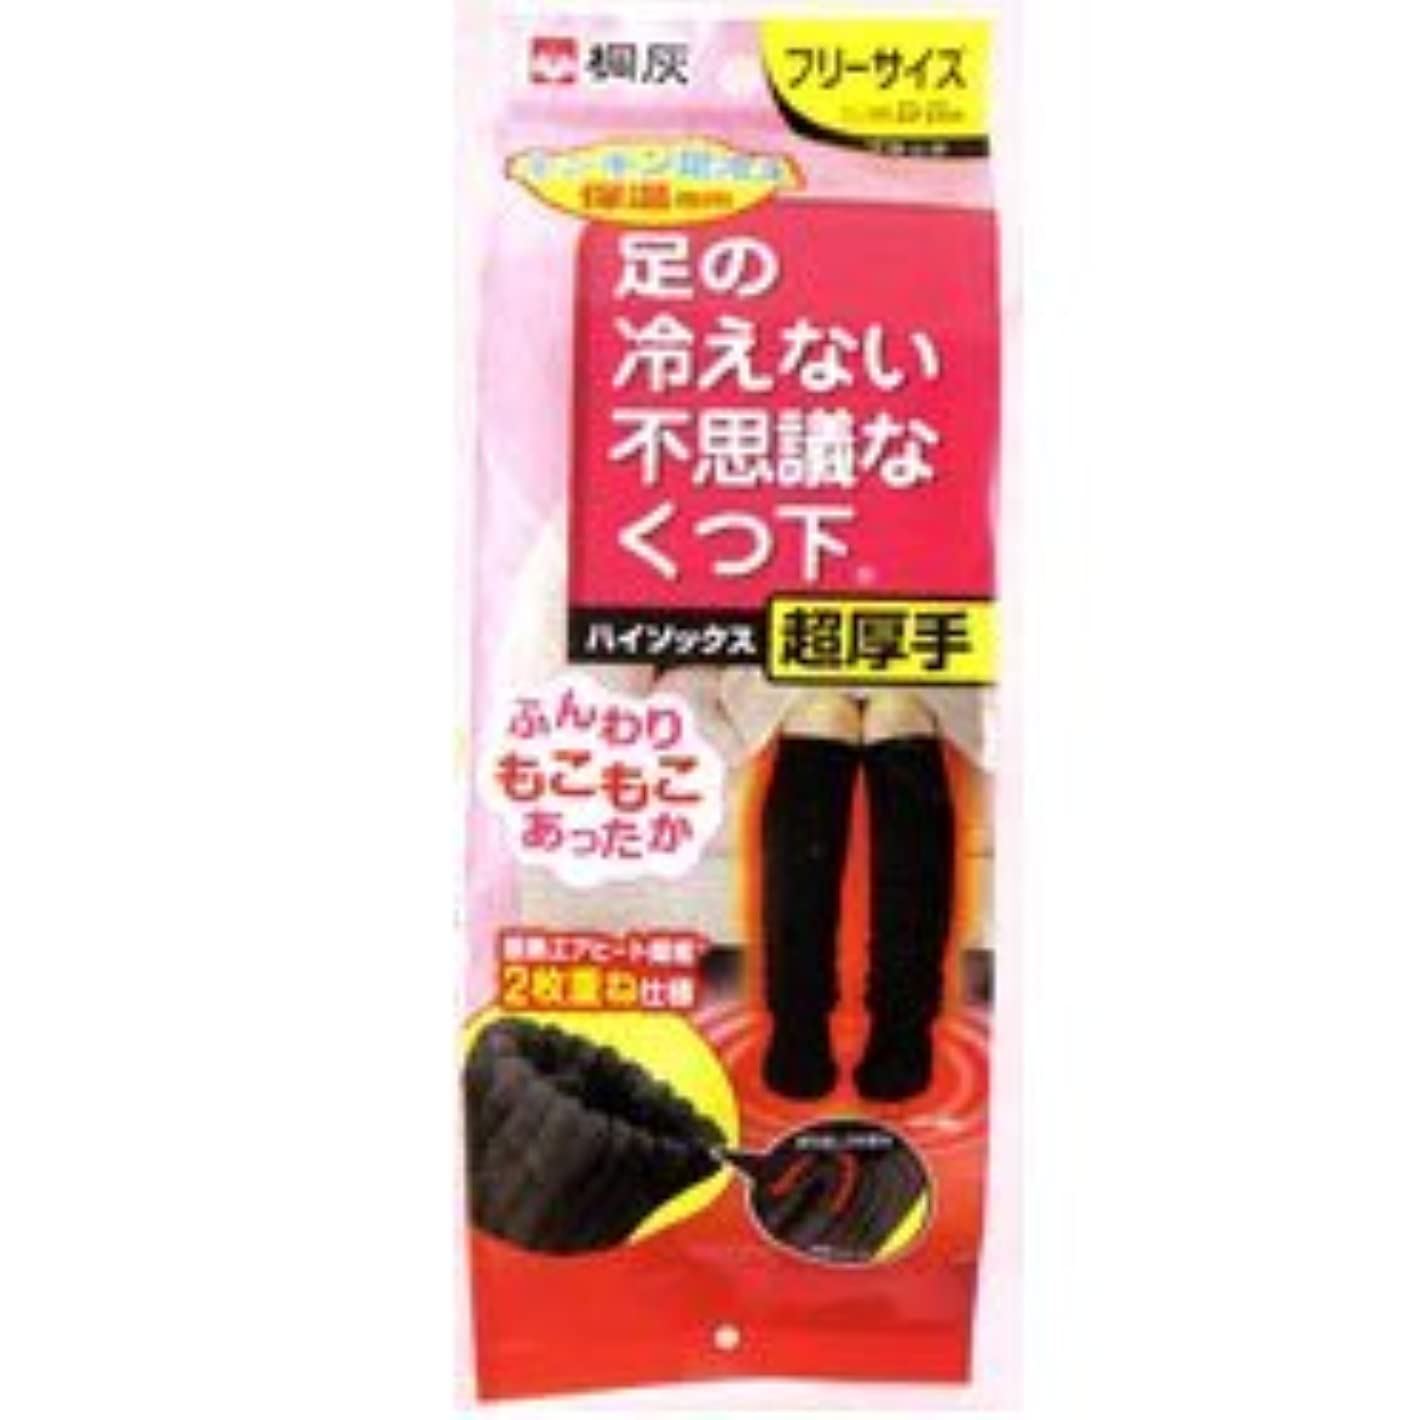 反映する地上でスイ【桐灰化学】足の冷えない不思議な靴下 ハイソックス 超厚手 ブラック フリーサイズ 1足分 ×3個セット